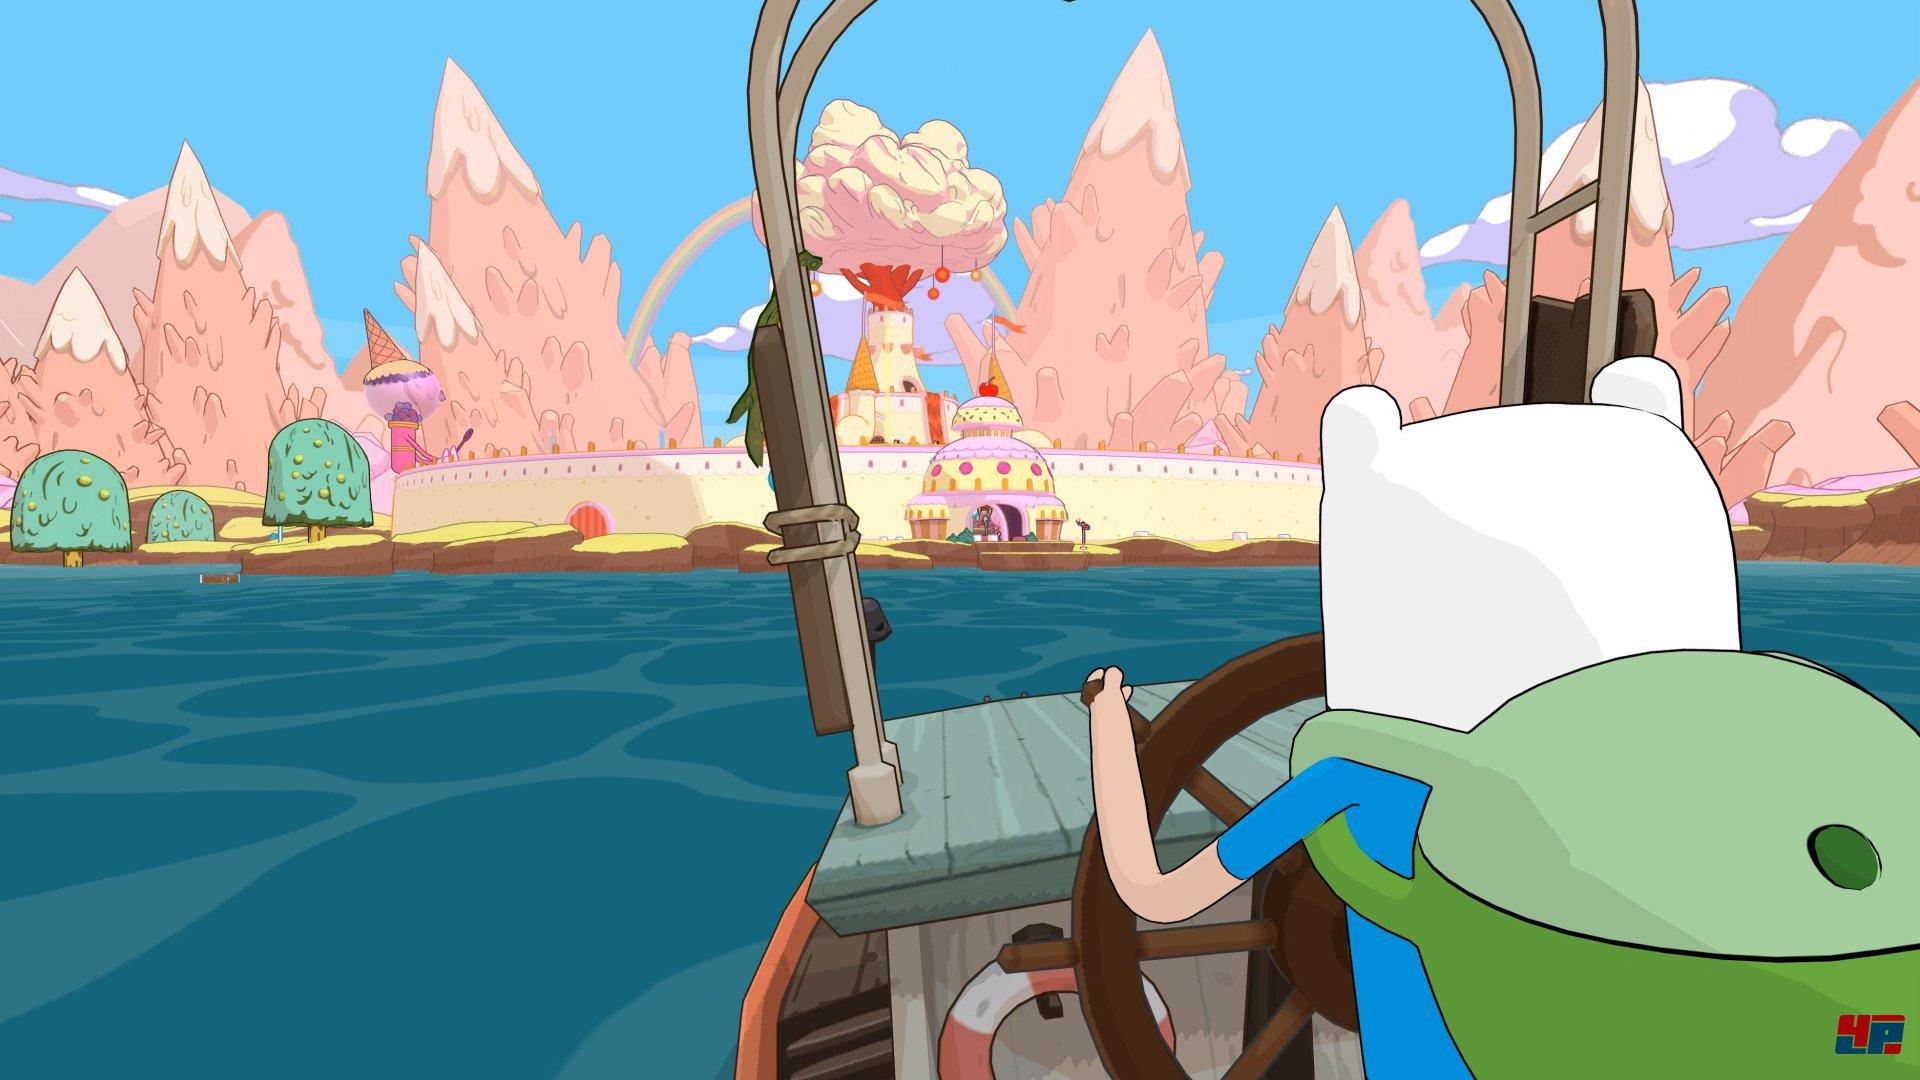 Bildergebnis für adventure time piraten der enchiridion screenshots